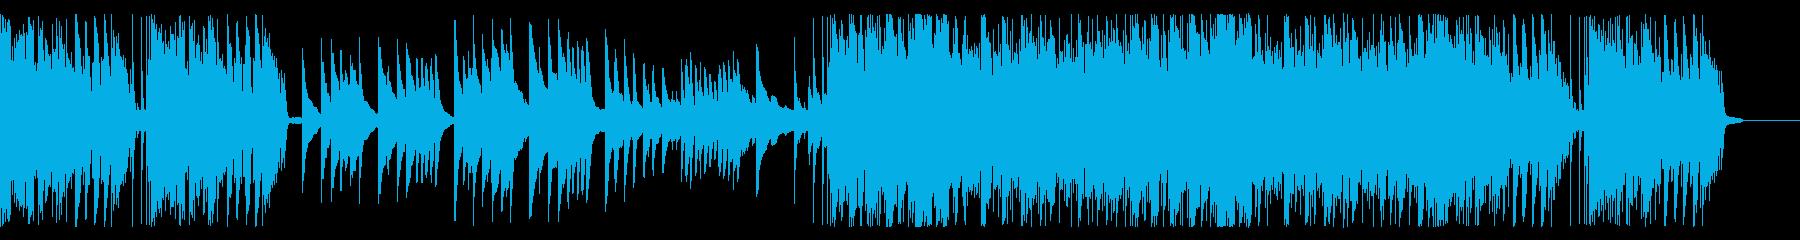 ピアノ、クール、和風 long ver.の再生済みの波形